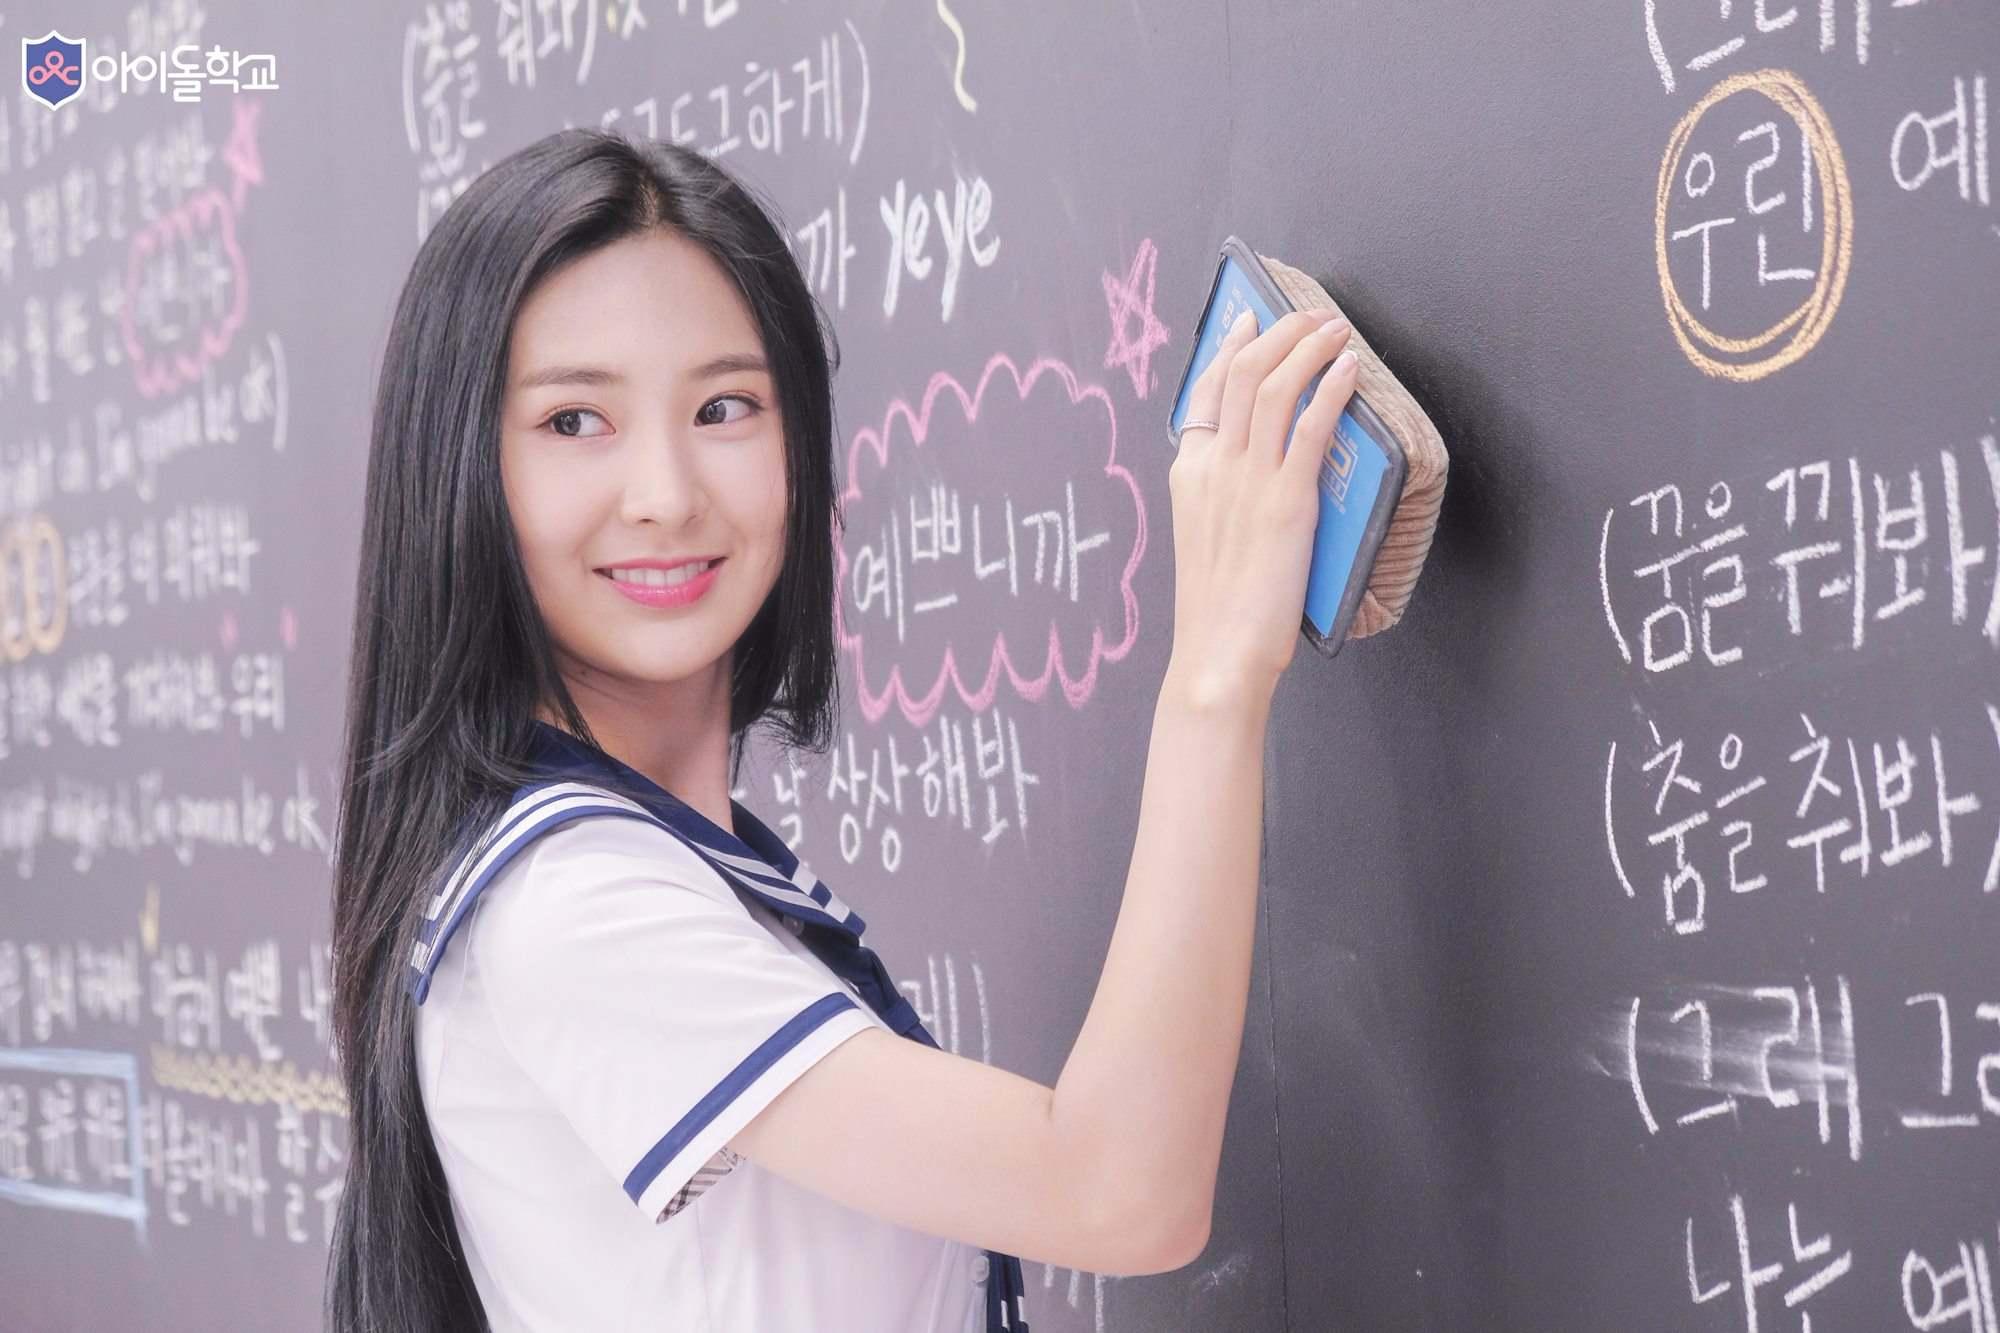 最近播出的《偶像學校》同樣也是Mnet的,粉絲們應該都知道Mnet最出名的就是「惡魔剪輯」,節目組的魔爪也悄悄伸上了《偶像學校》!播出的第二集中參賽者要拍校歌MV時,由於人數眾多加上有些參賽者也沒跳舞的經驗,所以導致舞蹈隊形一直無法整齊...